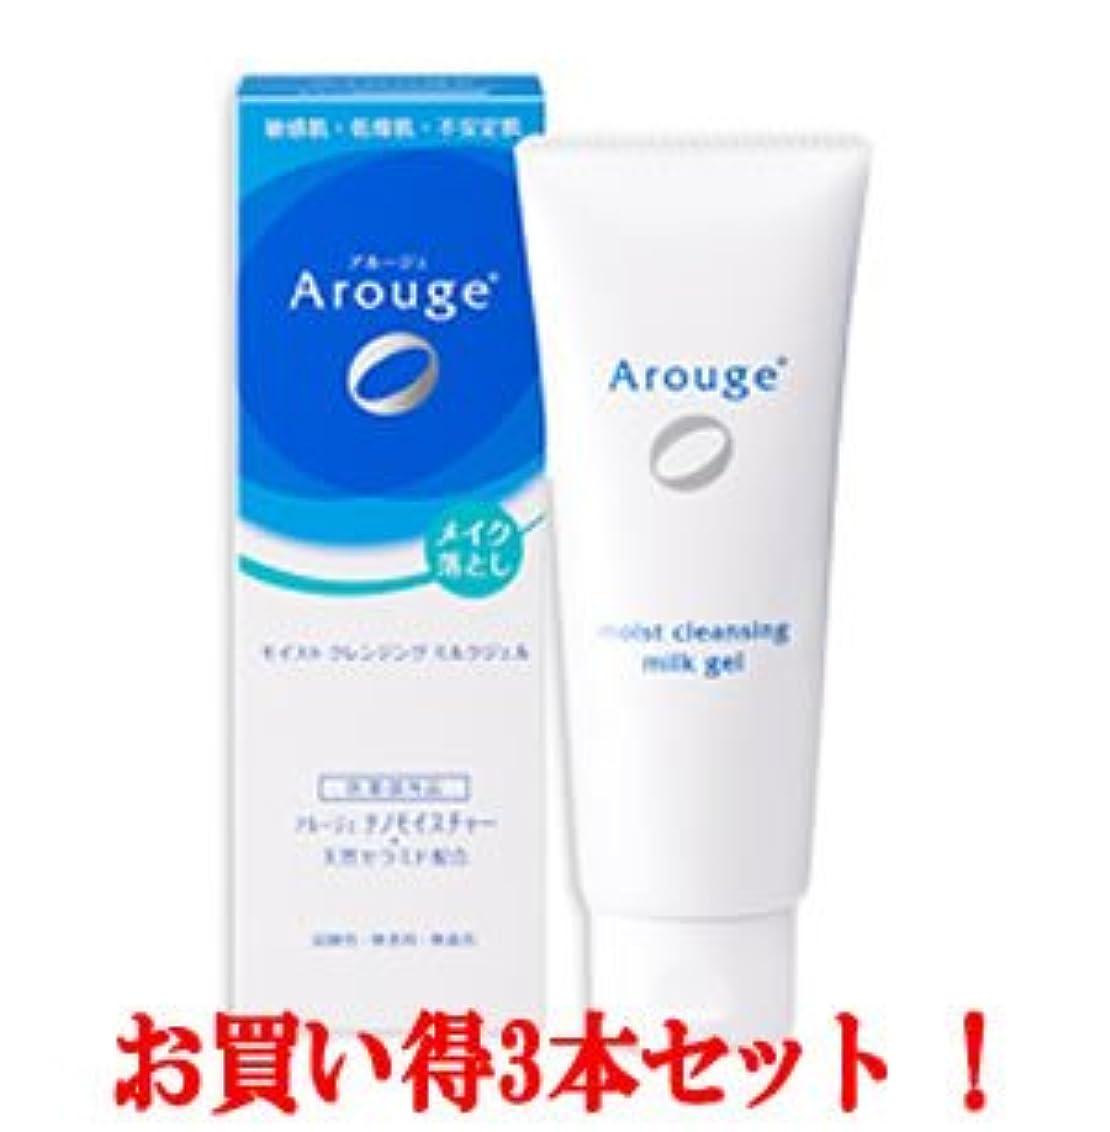 【お買い得3本セット!】アルージェ モイストクレンジングミルクジェル100g(医薬部外品)